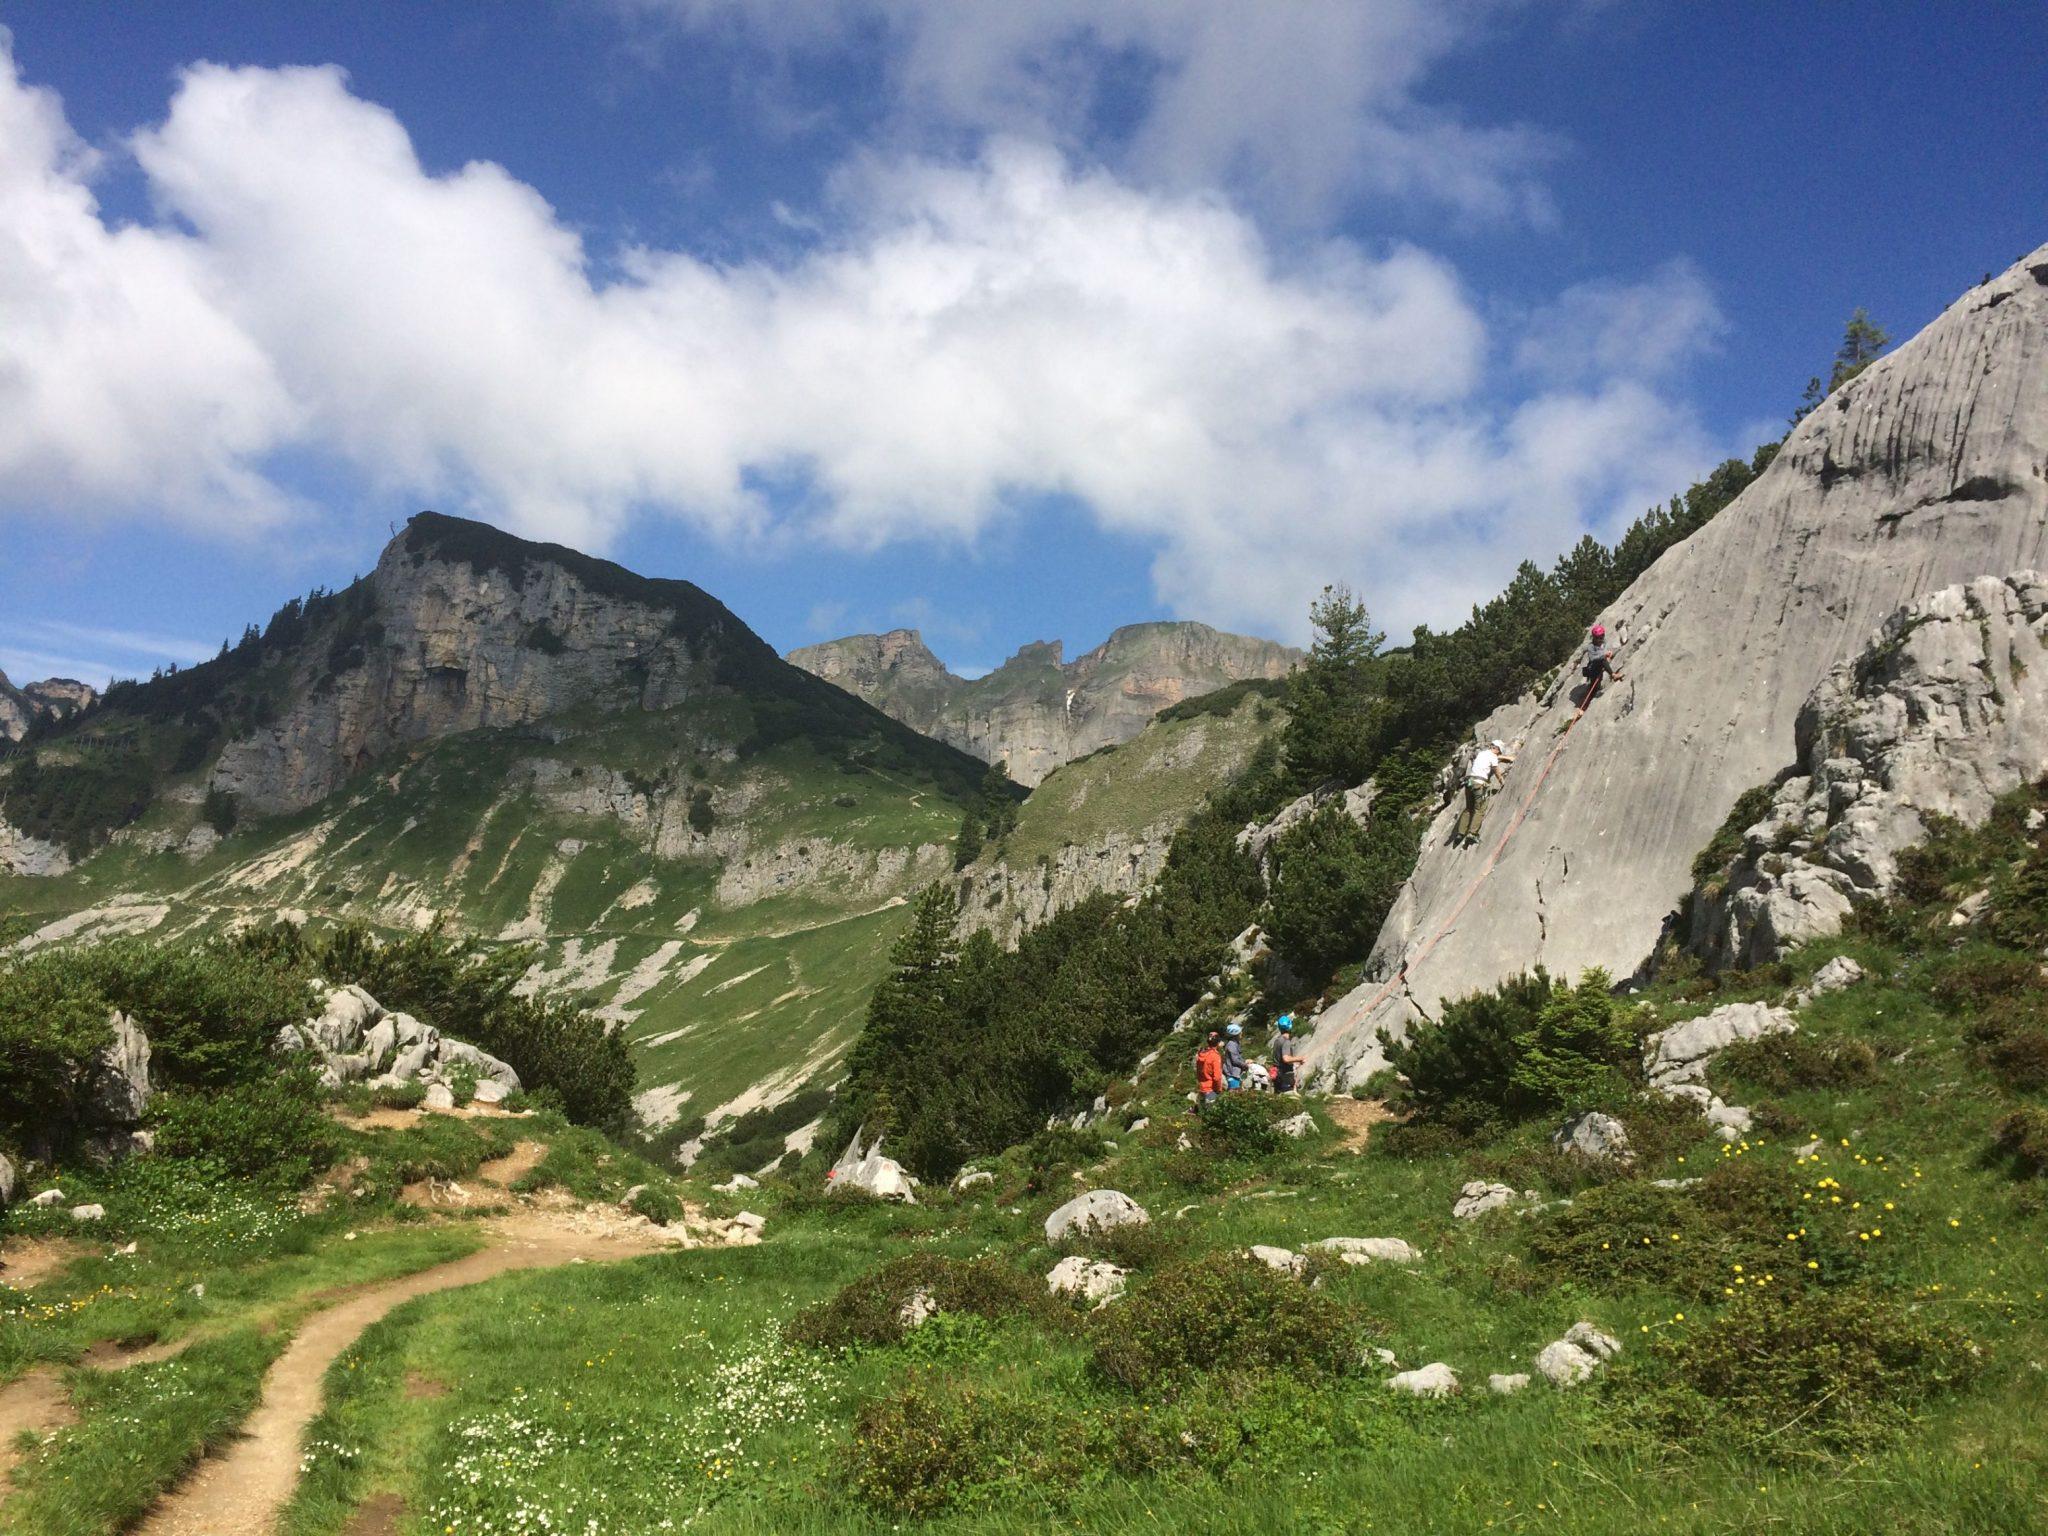 Familienfreundliche Gebiete inmitten des breiten Rofan-Almbodens | Climbers Paradise